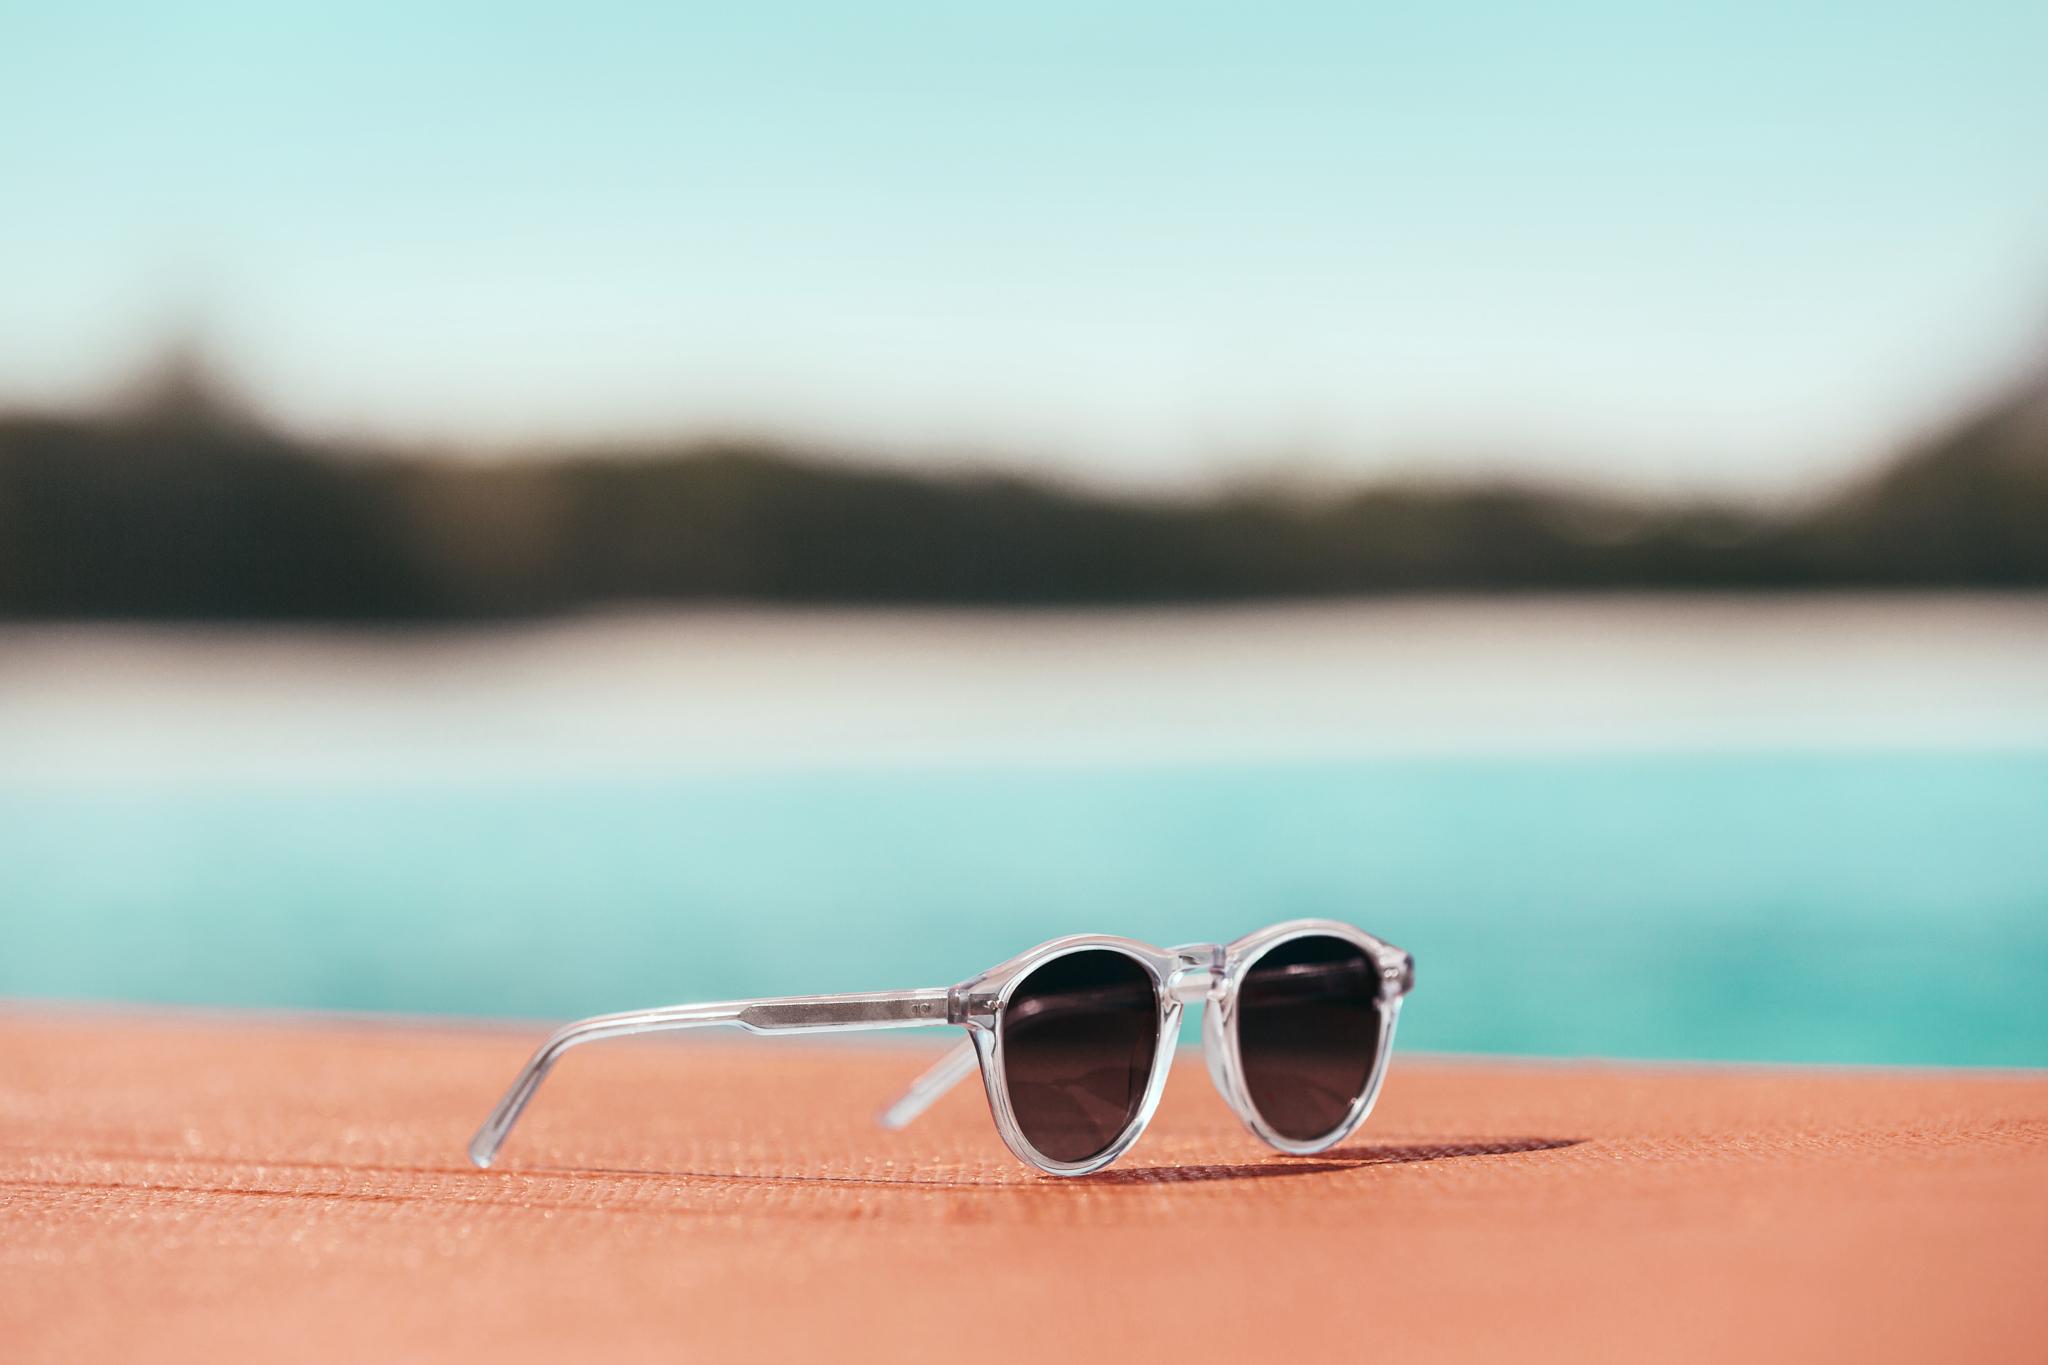 Chimi Eyewear x Bianca Ingrosso by Fabian Wester 6